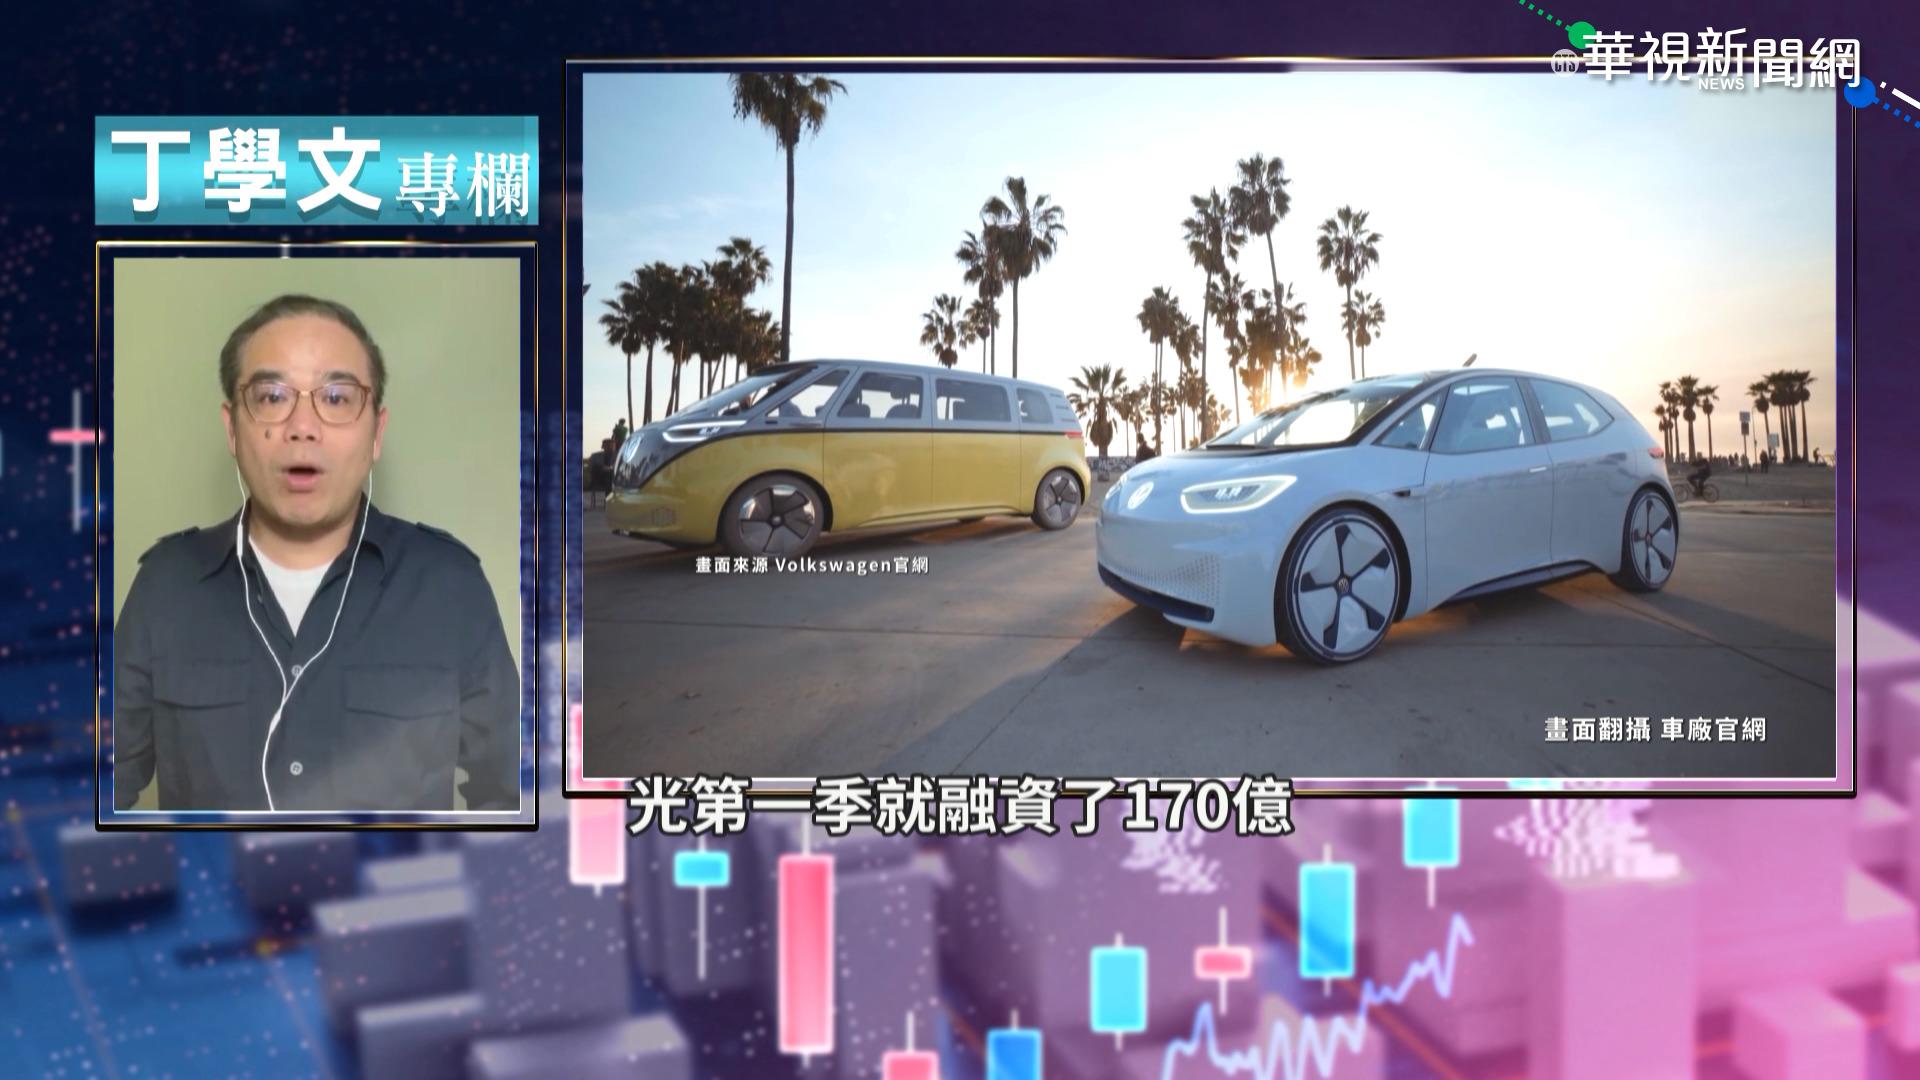 電動車革命進行式 政府和產業跟上否